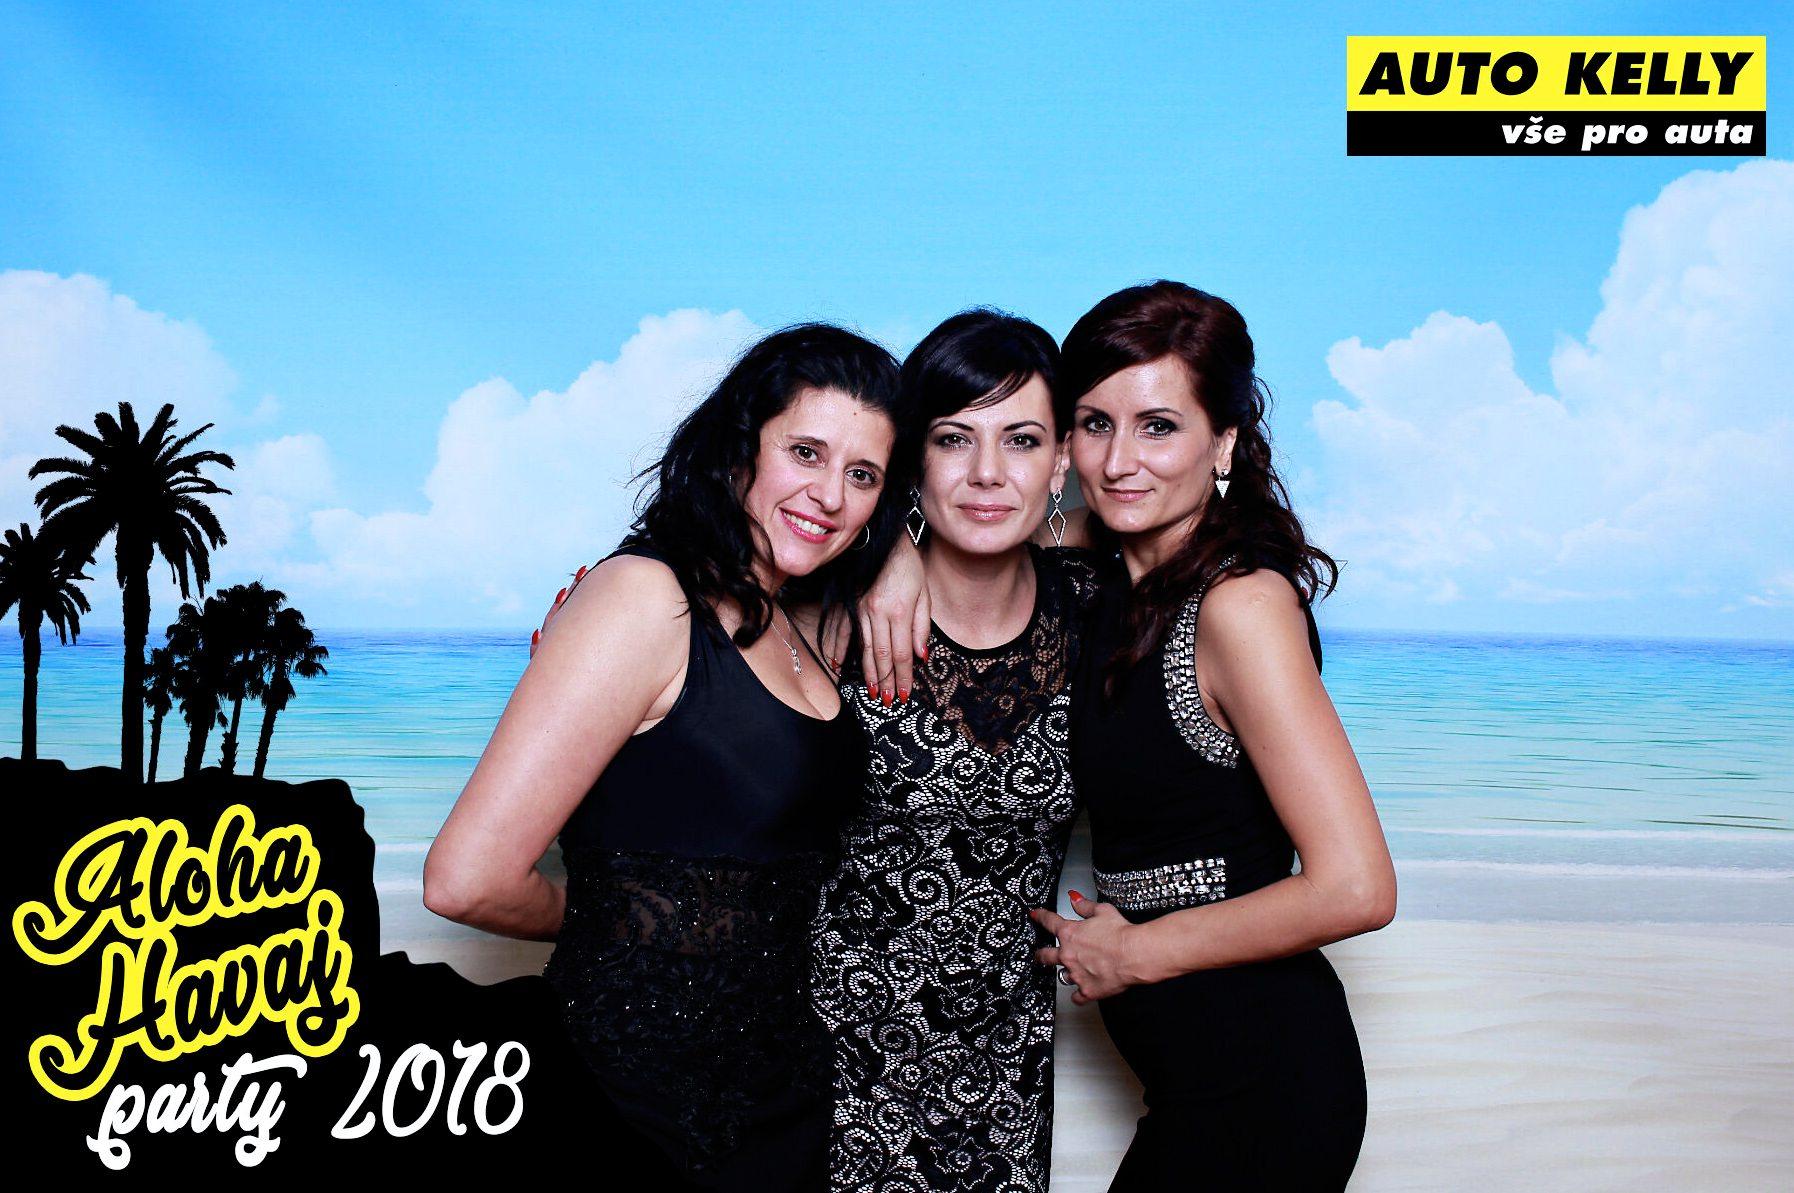 fotokoutek-auto-kelly-10-3-2018-398651